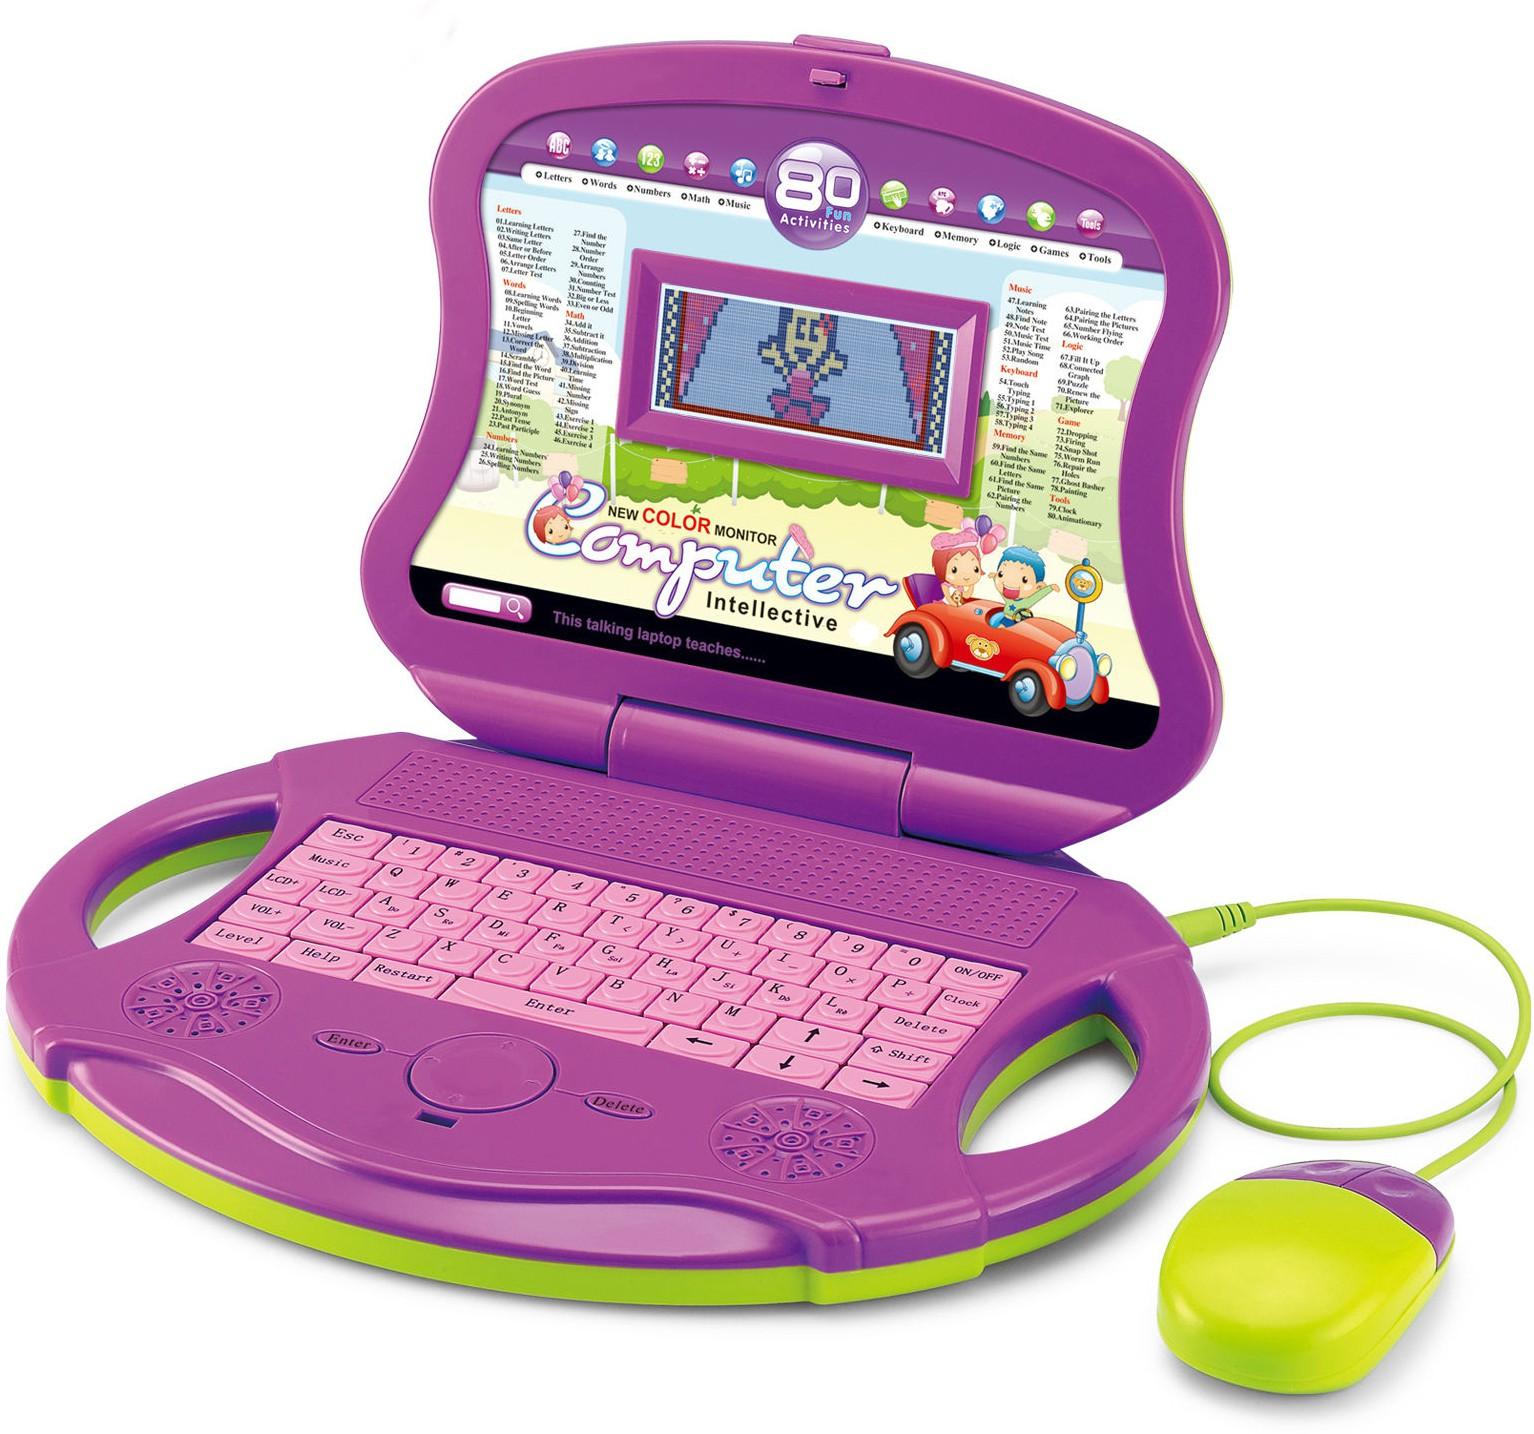 Deals | Kids Laptops & Tab Toyhouse, Disney.